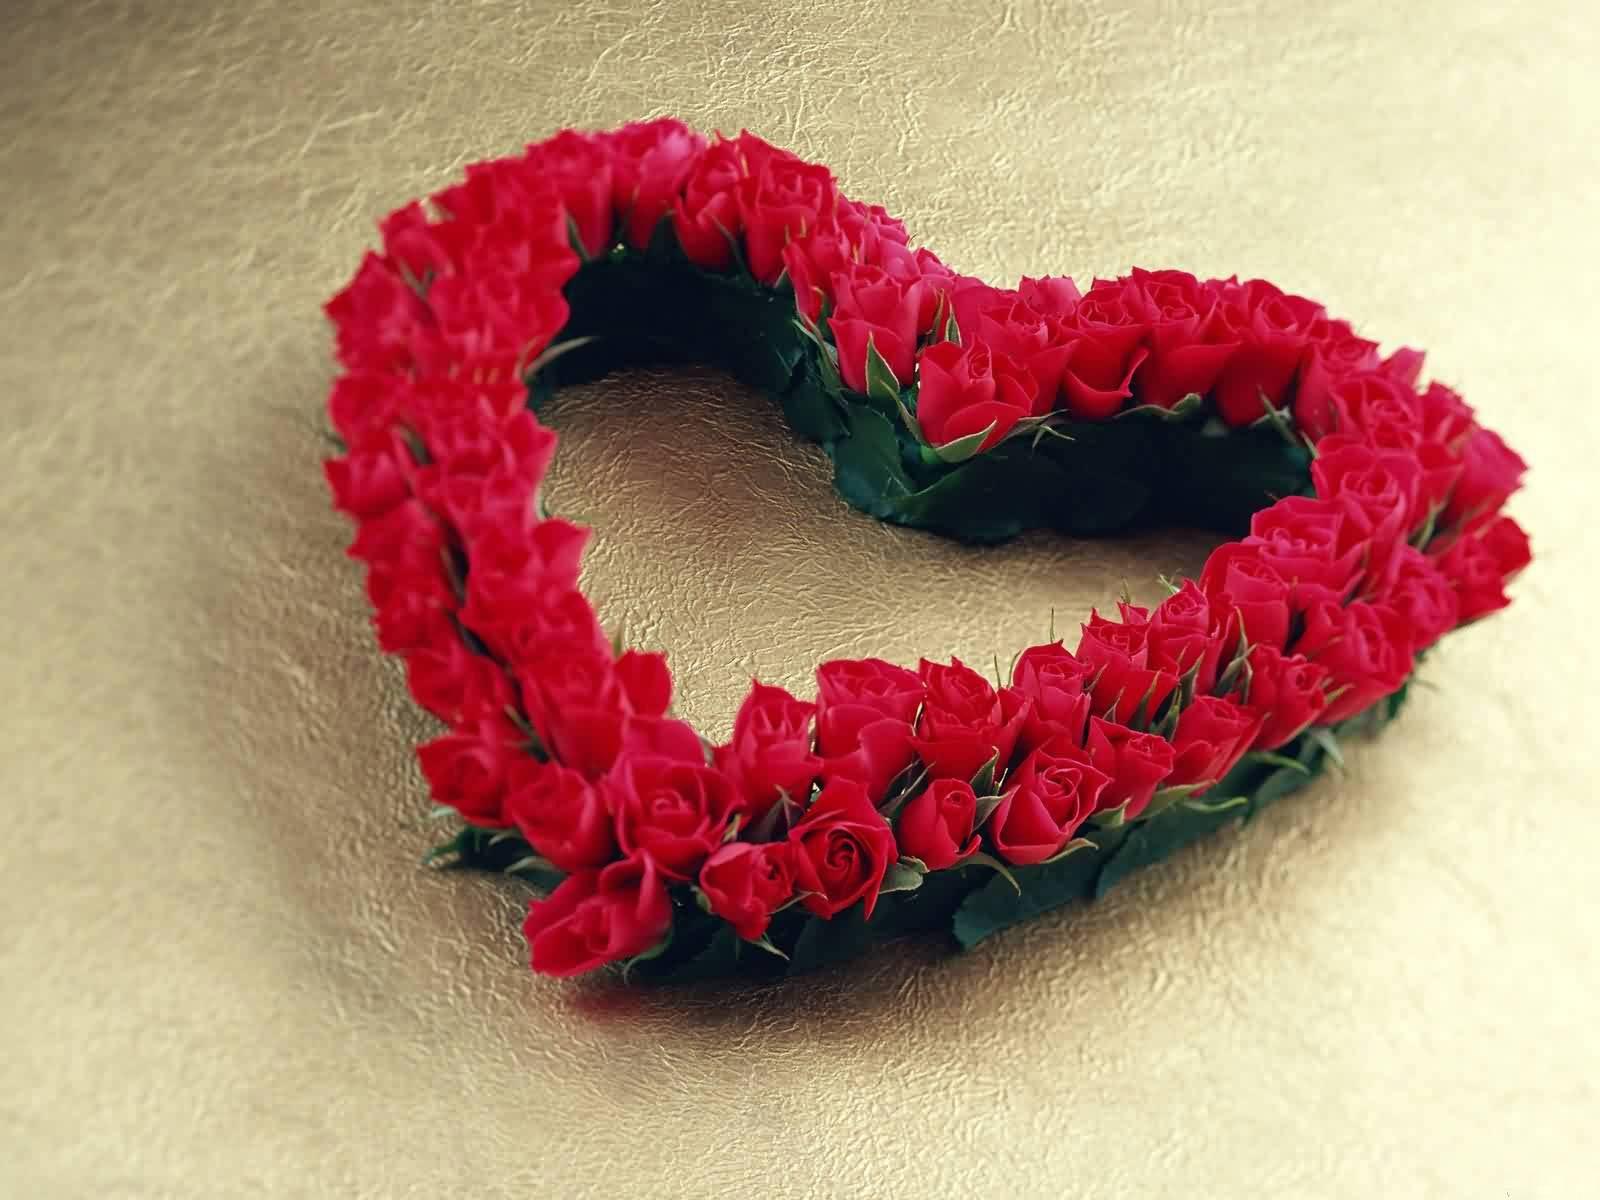 Red Rose Lovely heart